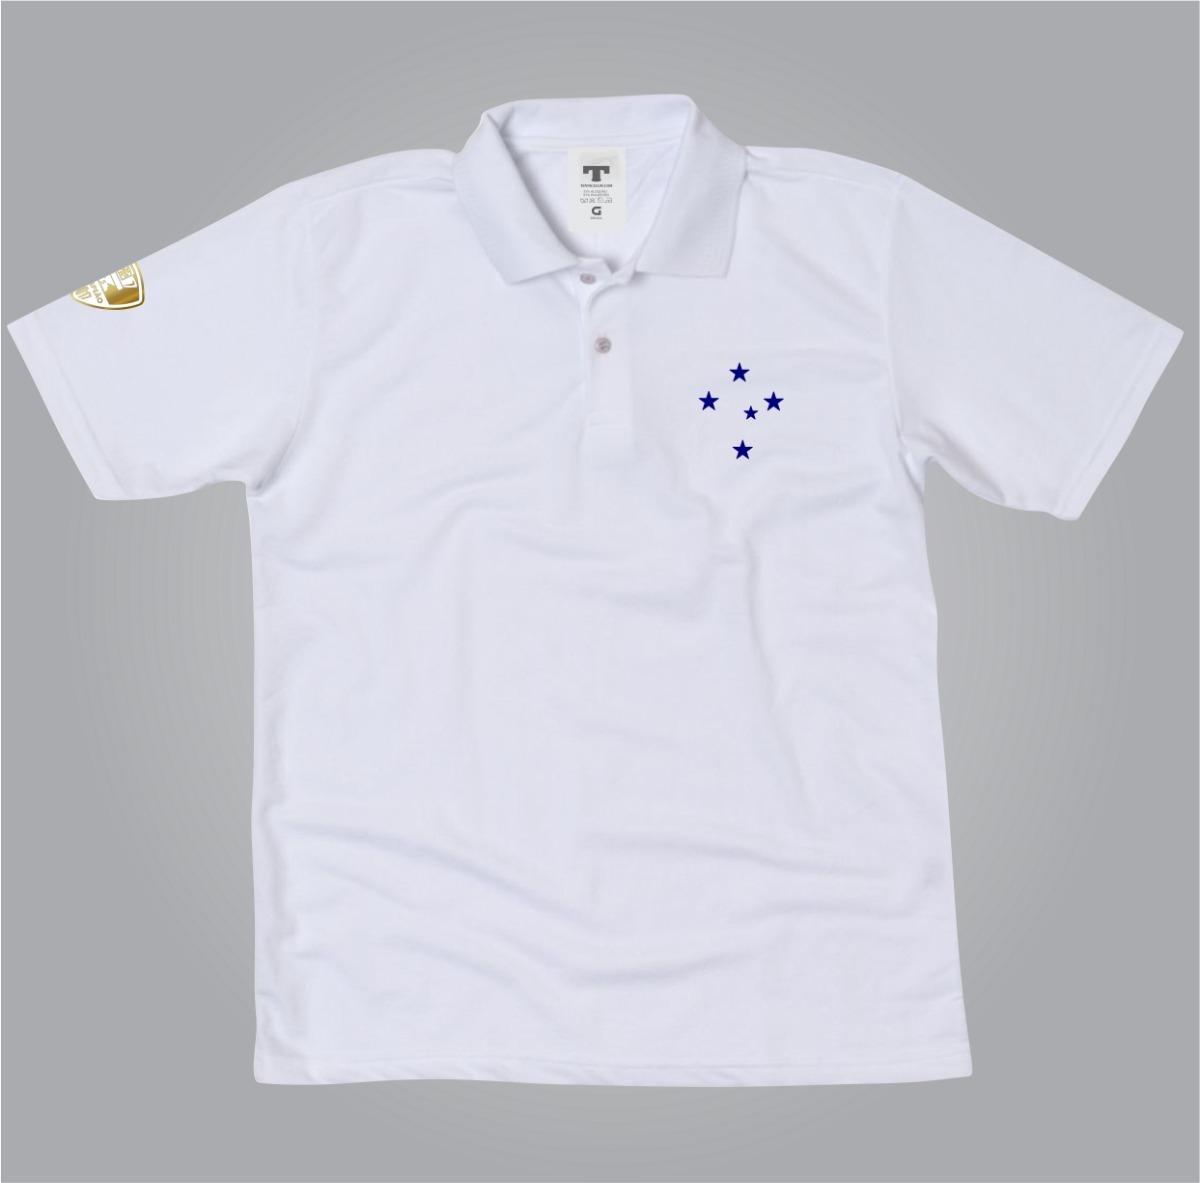 camiseta camisa polo cruzeiro torcedor zero campeão copa. Carregando zoom. 209887904ba91